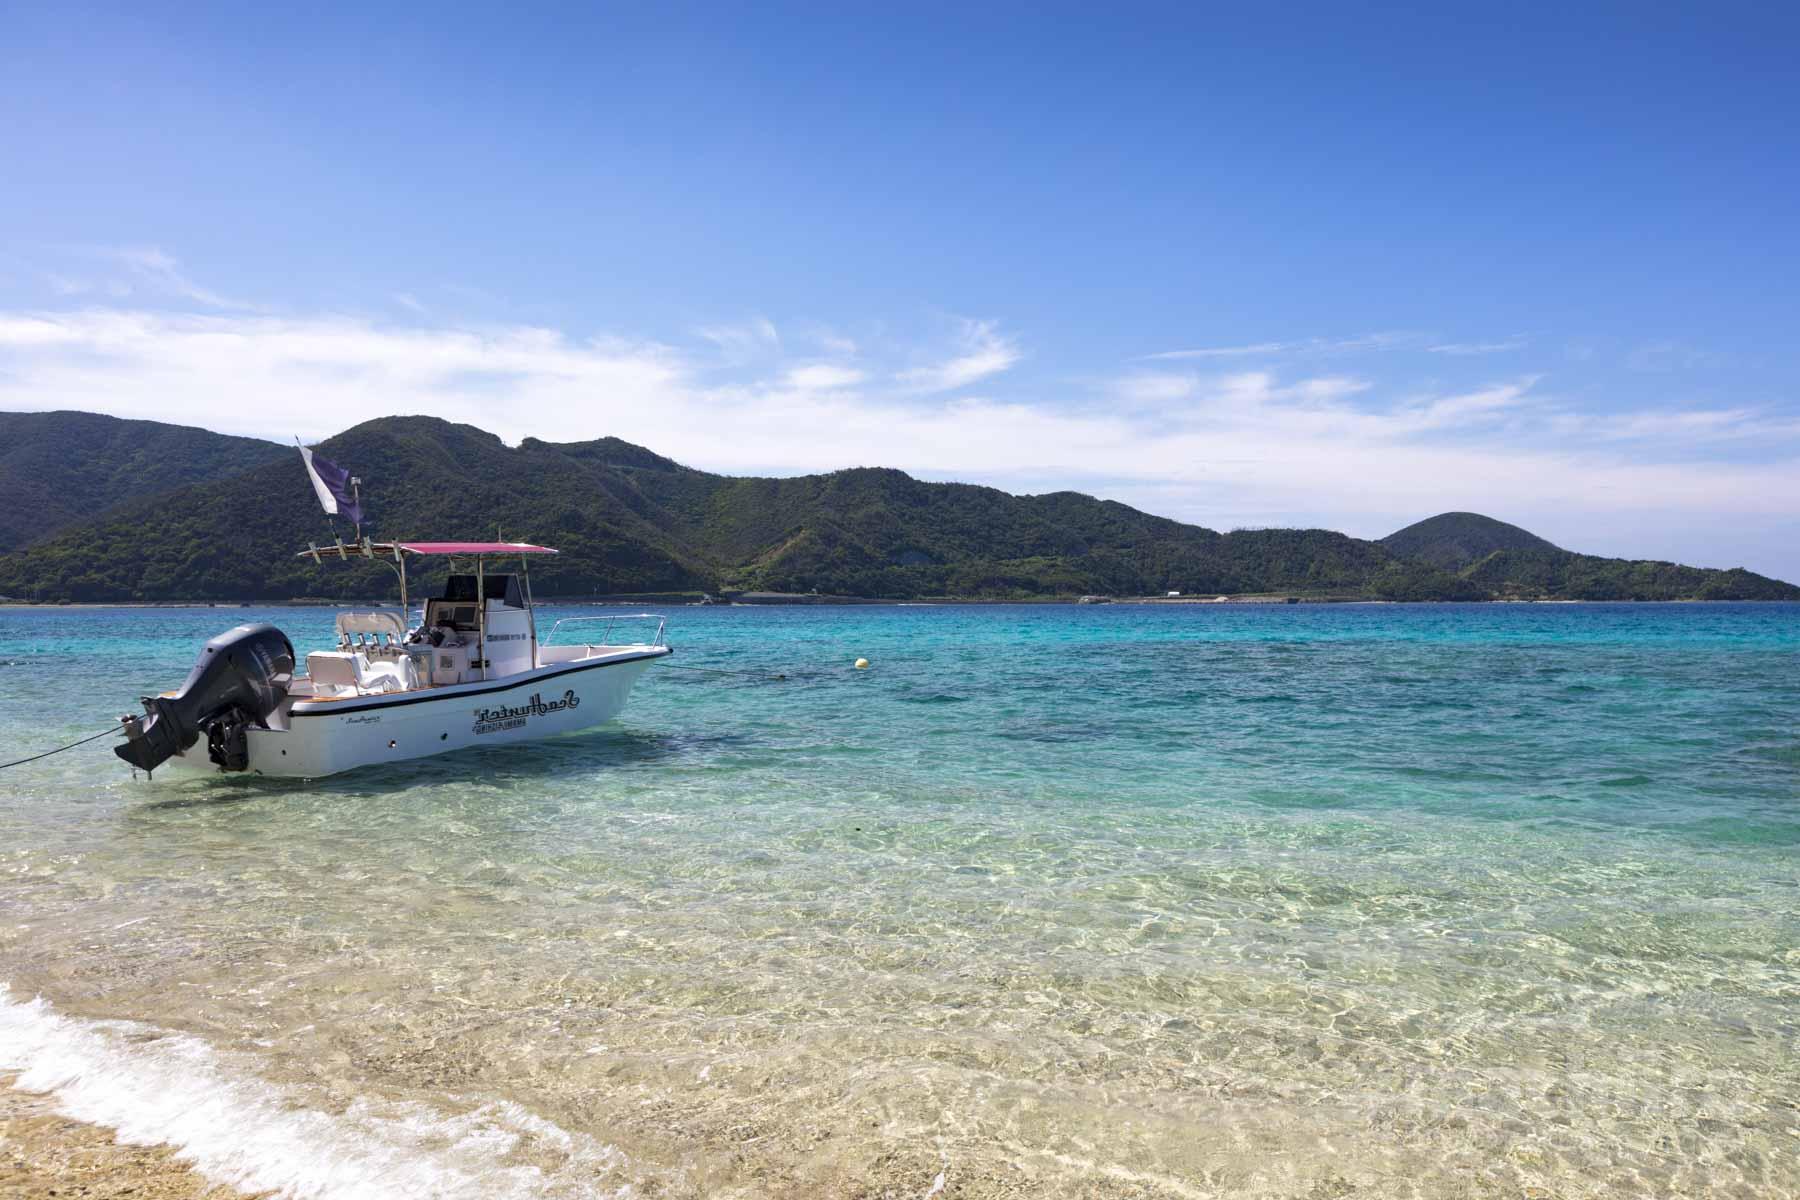 奄美大島 龍郷町芦徳の先端にある浜